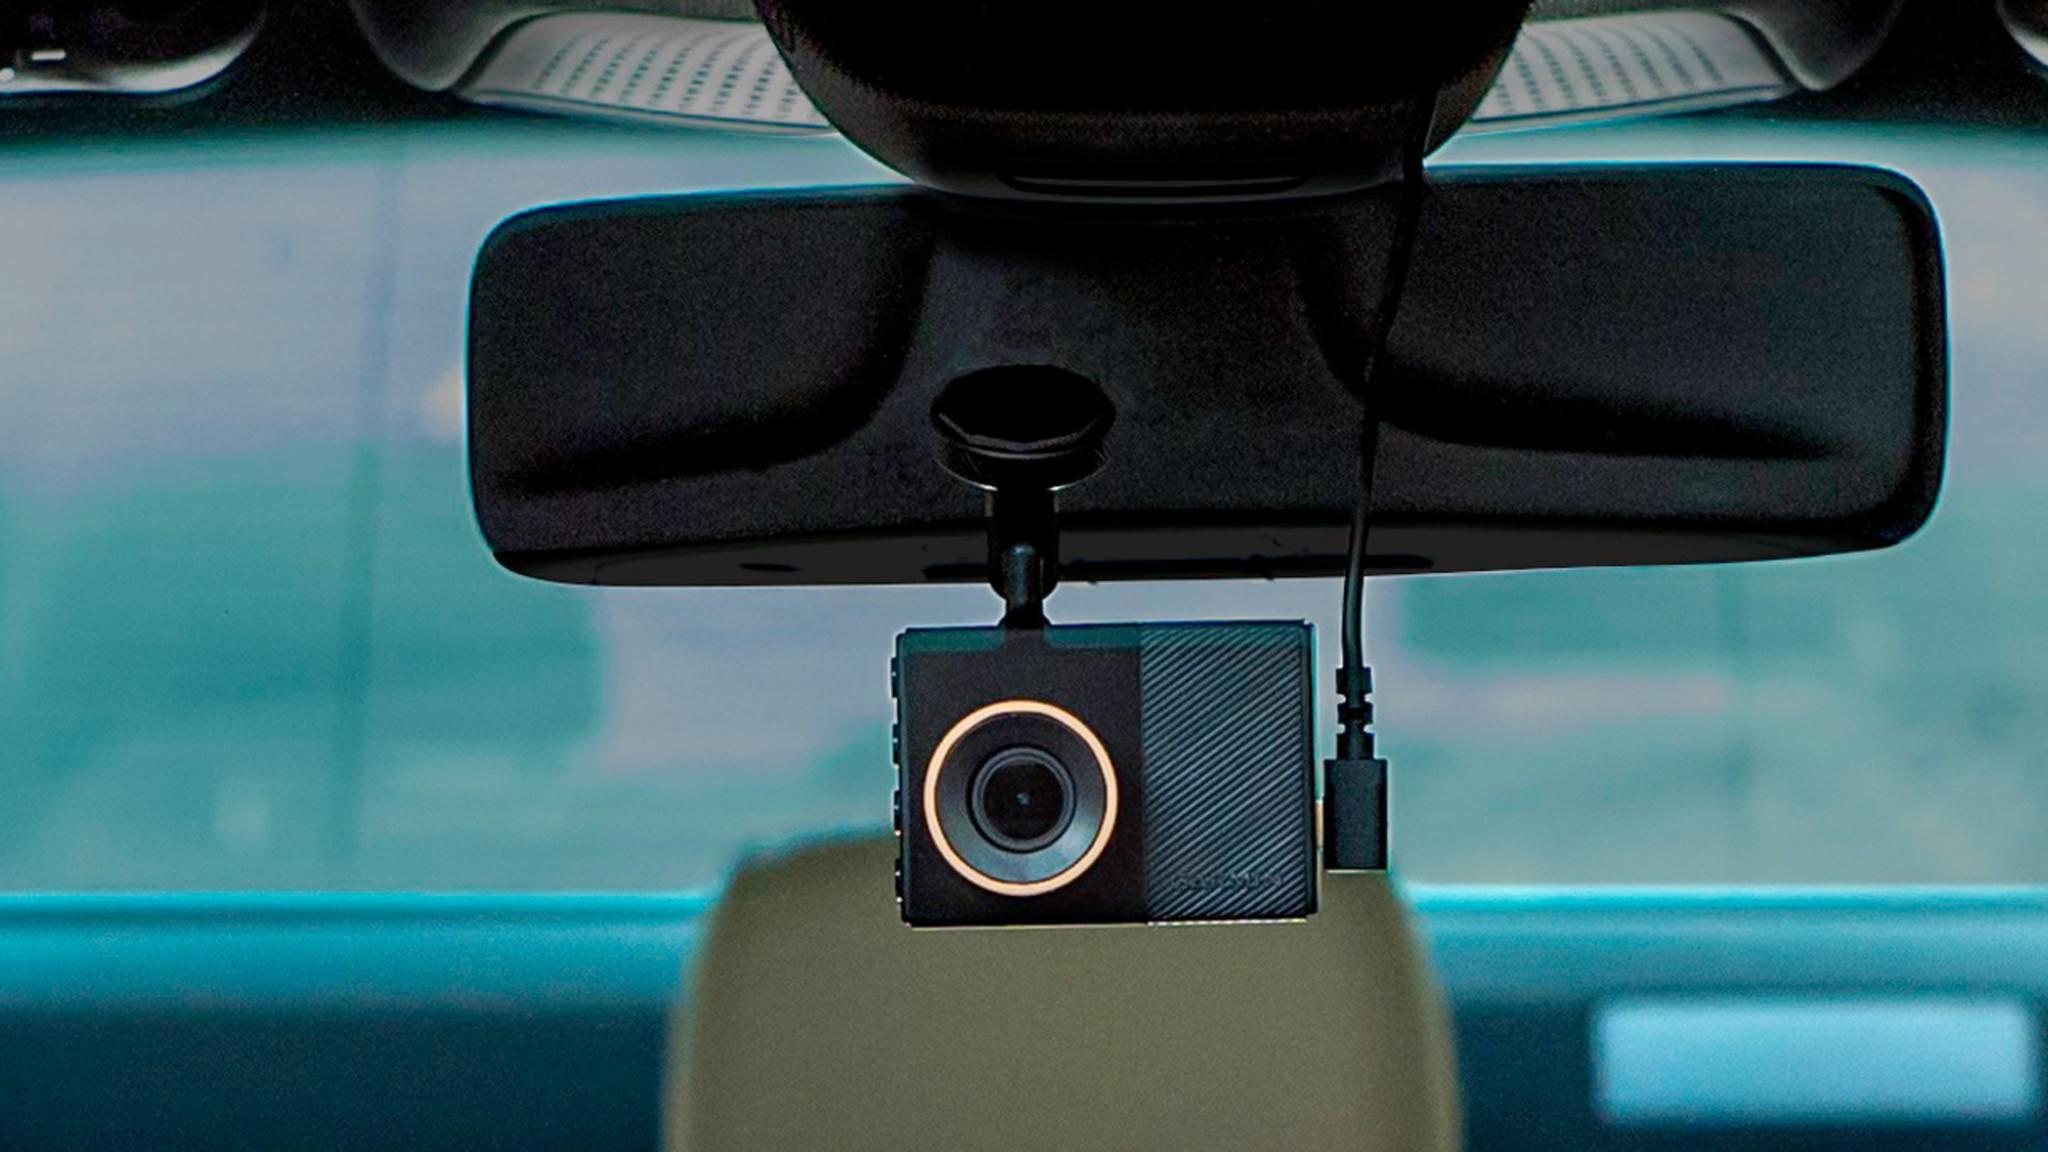 Du suchst die beste Dashcam? Wir haben sieben gute Modelle zusammengestellt.